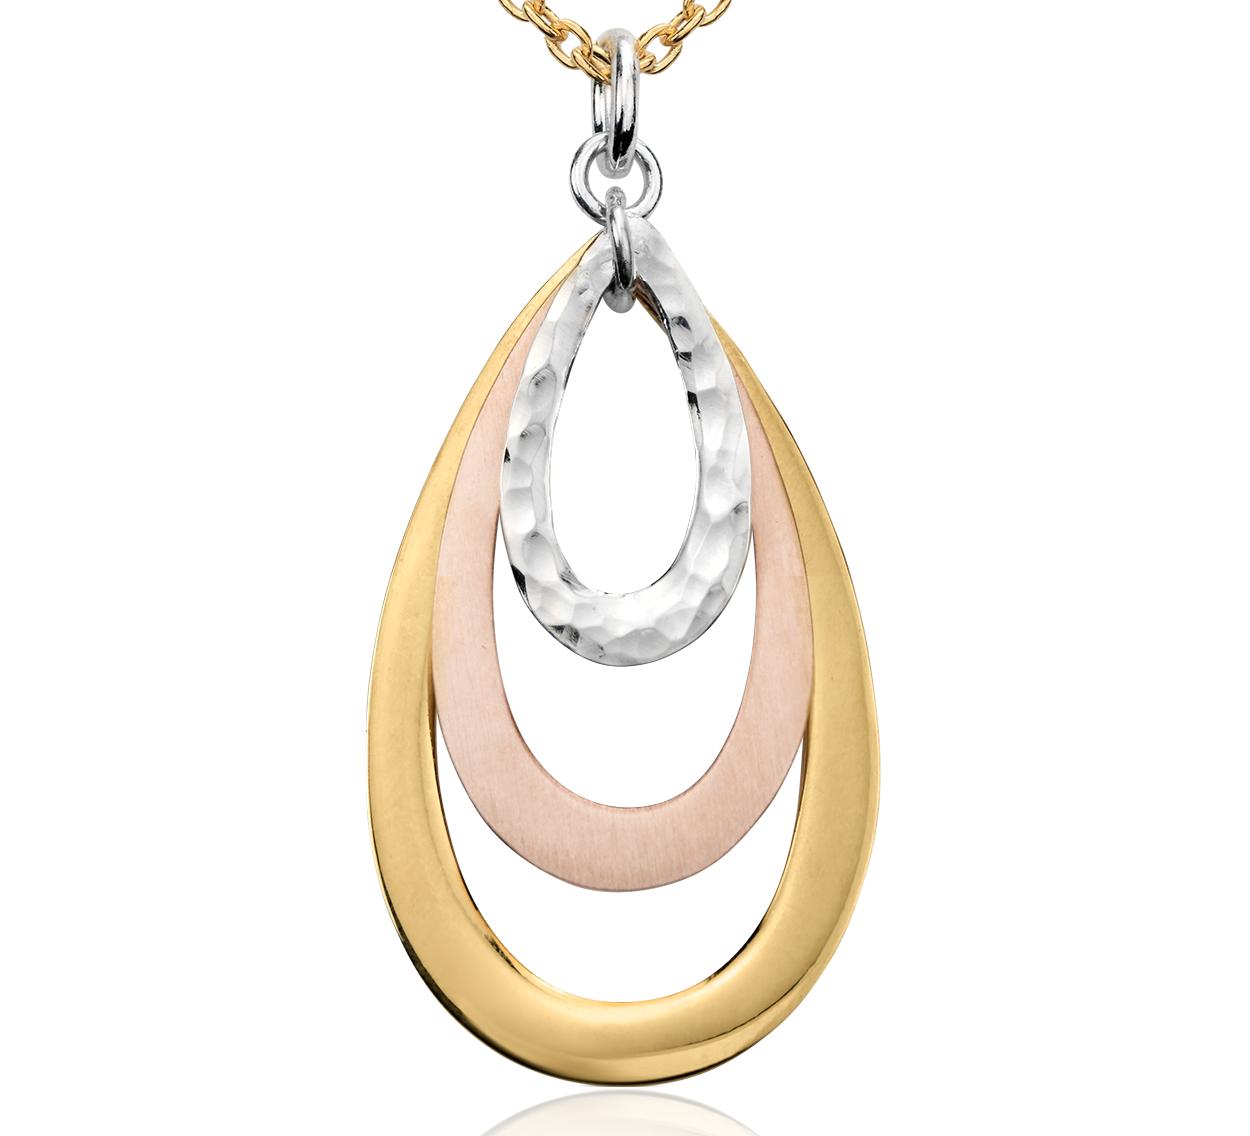 Colgante en forma de lágrima en plata bañada en oro y plata de tres colores